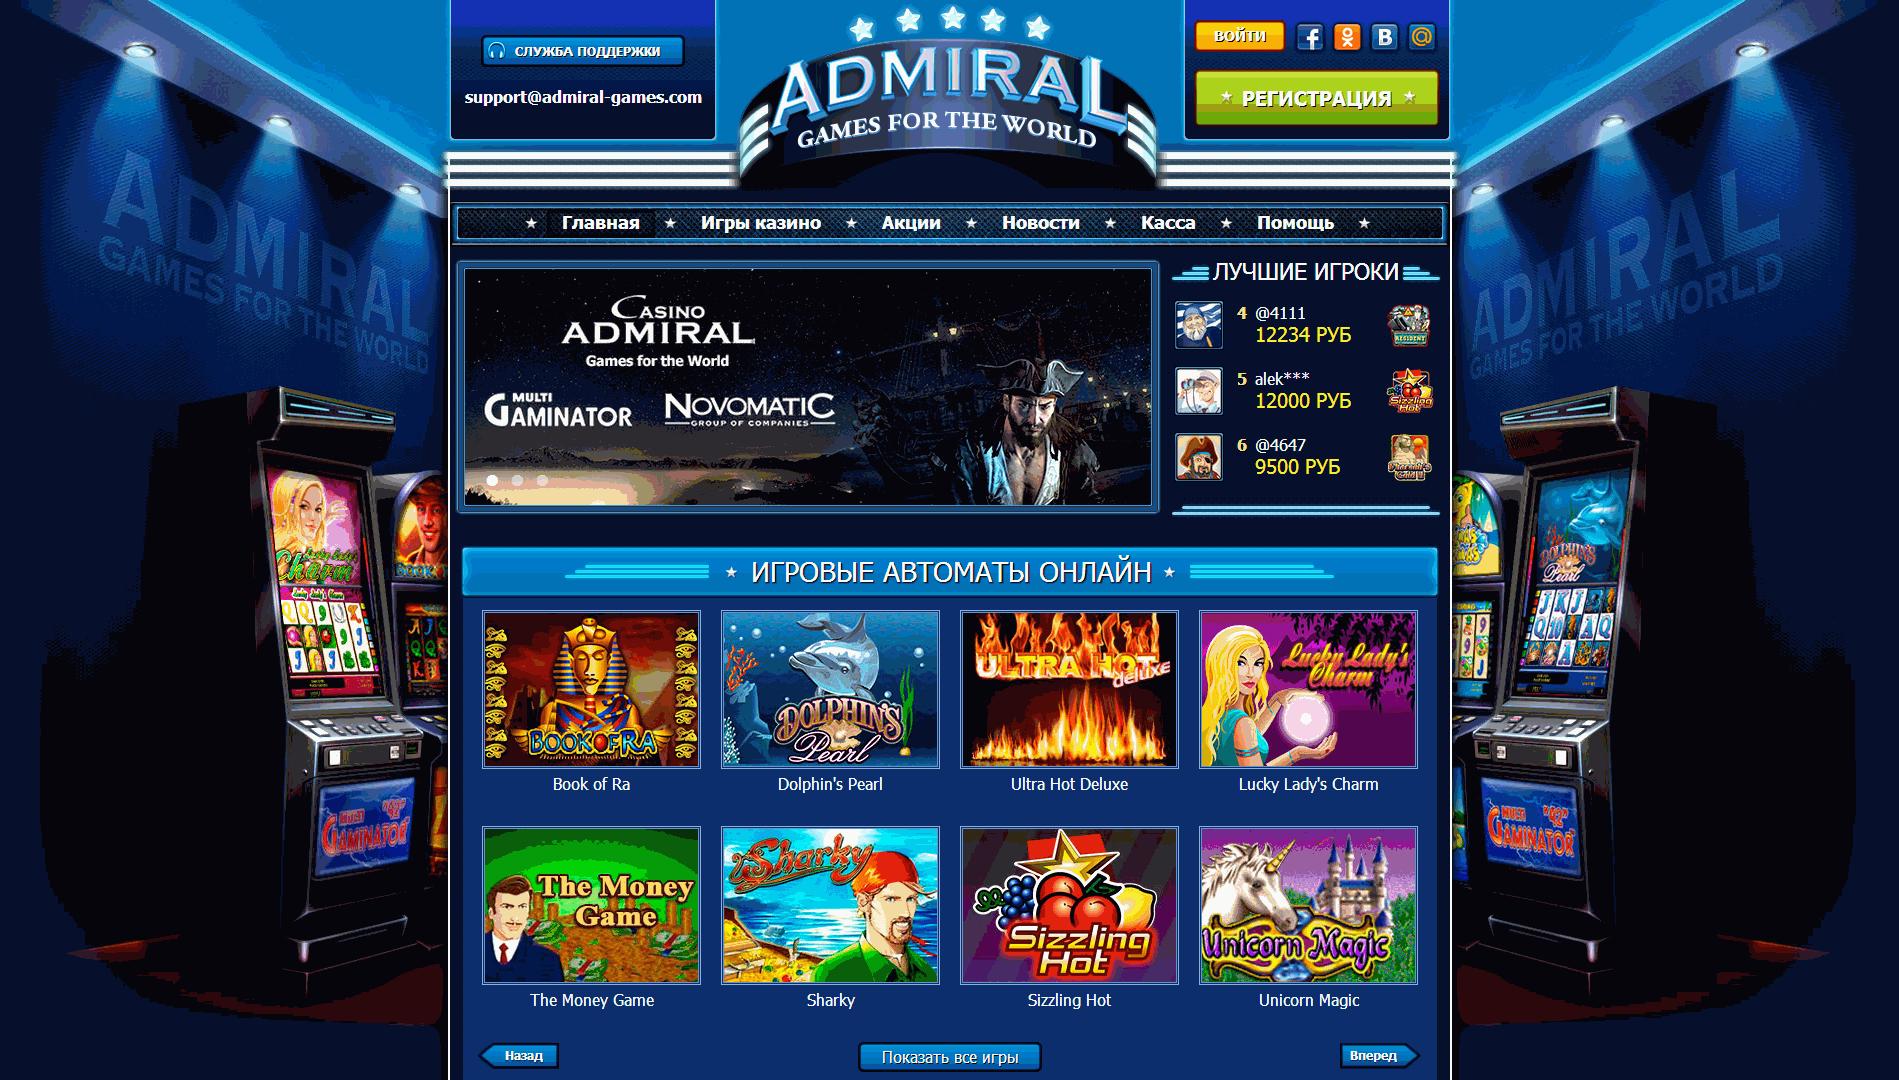 Ппопулярные игровыеавтоматы онлайн казино на деньги самое надежное